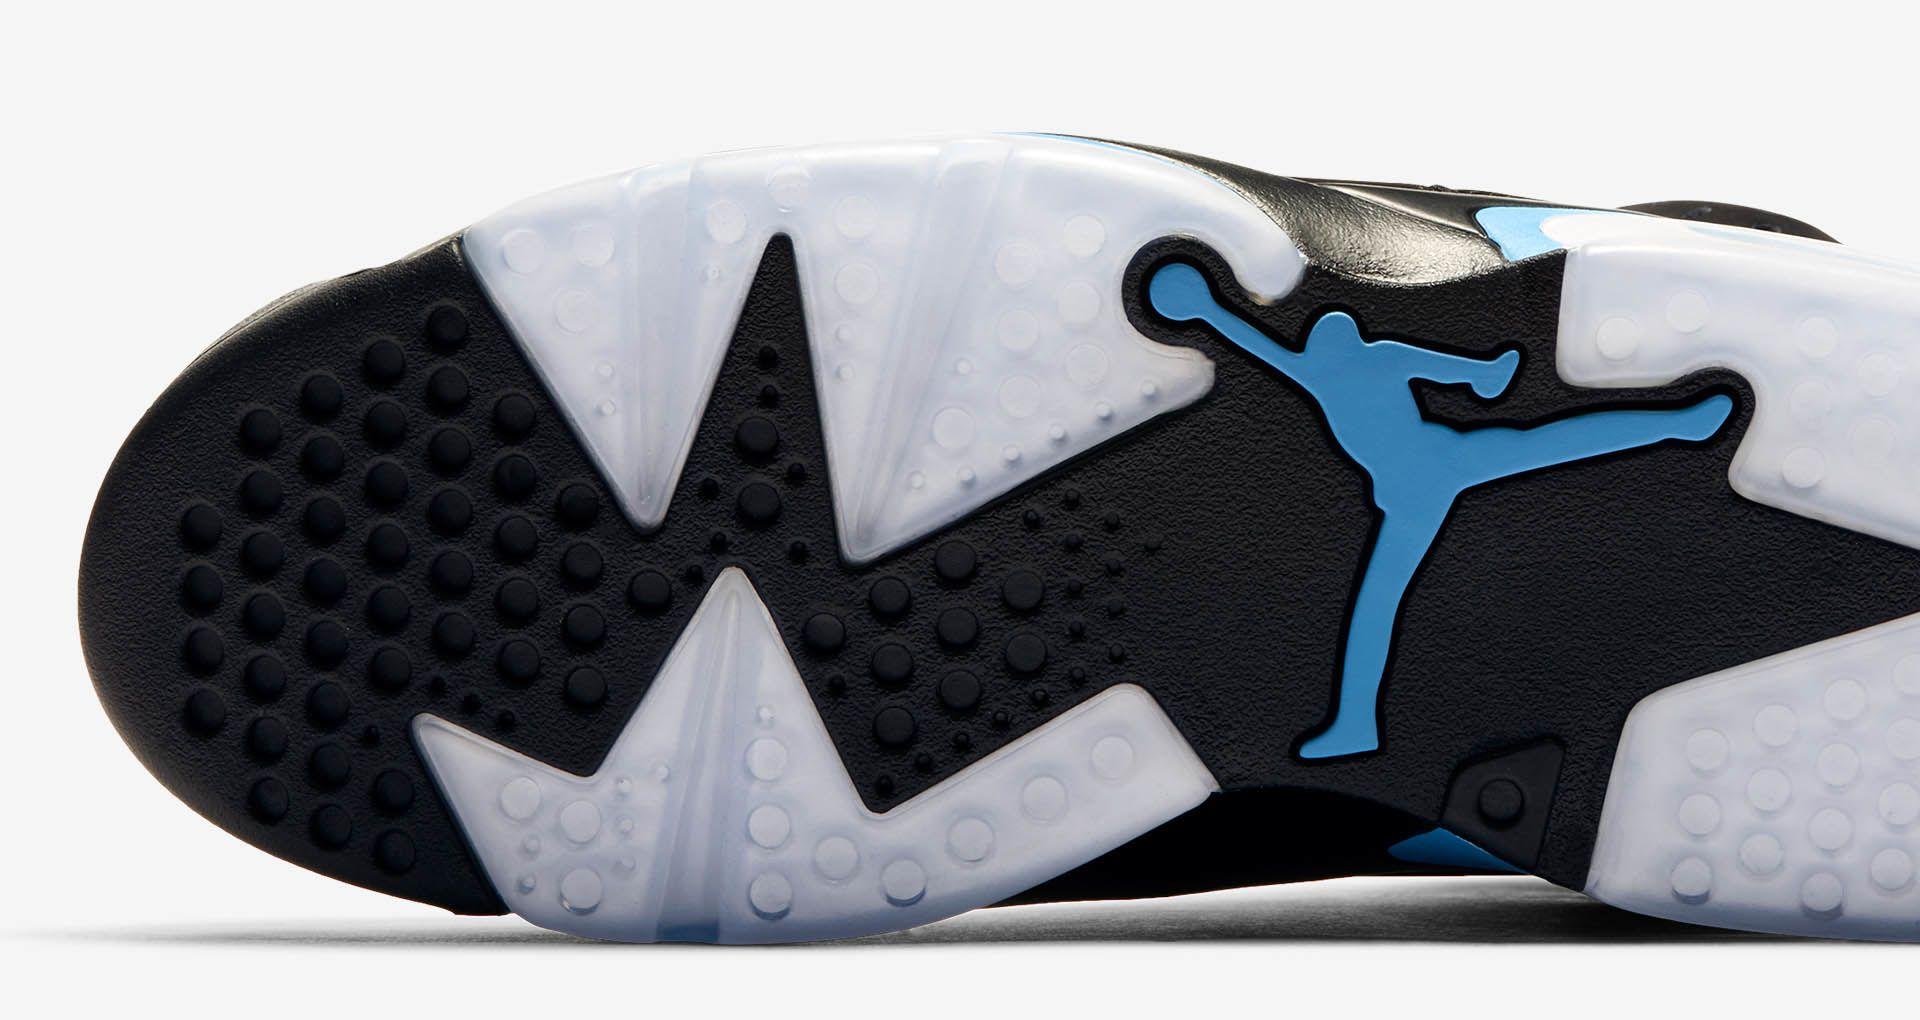 2e15ccb7043 Air Jordan 6  Black   University Blue  Release Date. Nike+ SNKRS